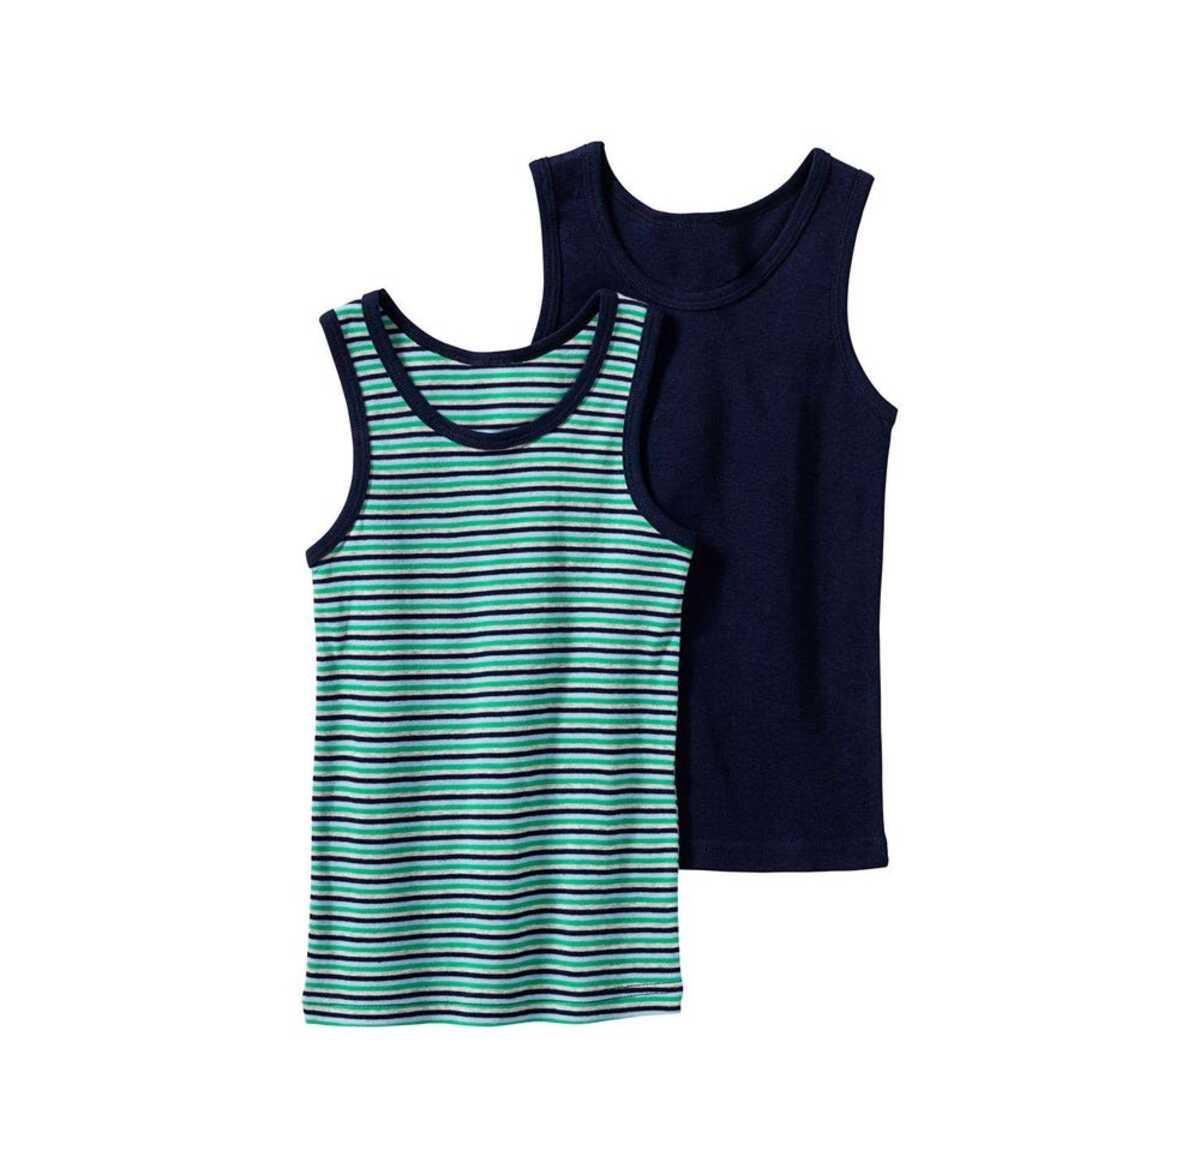 Bild 1 von Jungen-Unterhemd aus reiner Baumwolle, 2er Pack